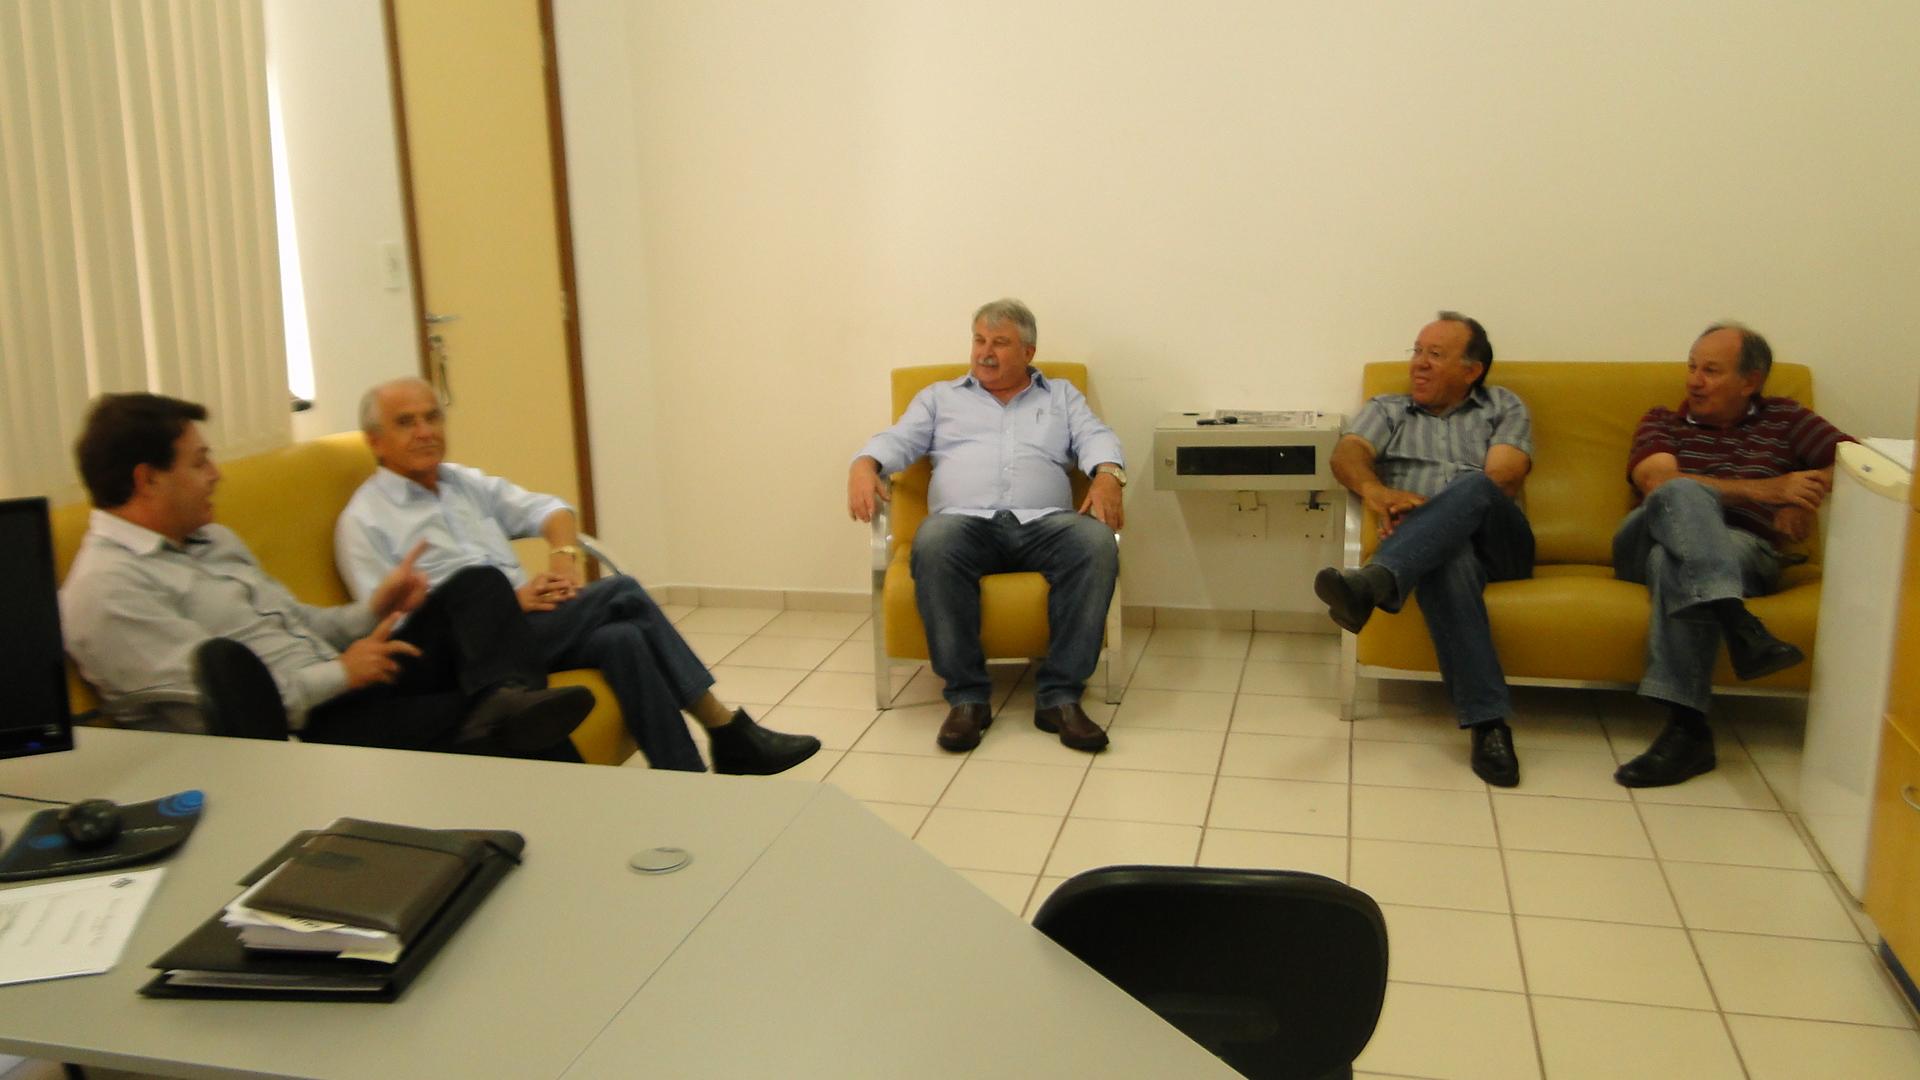 Presidente recebe visita da comissão executiva do PDT